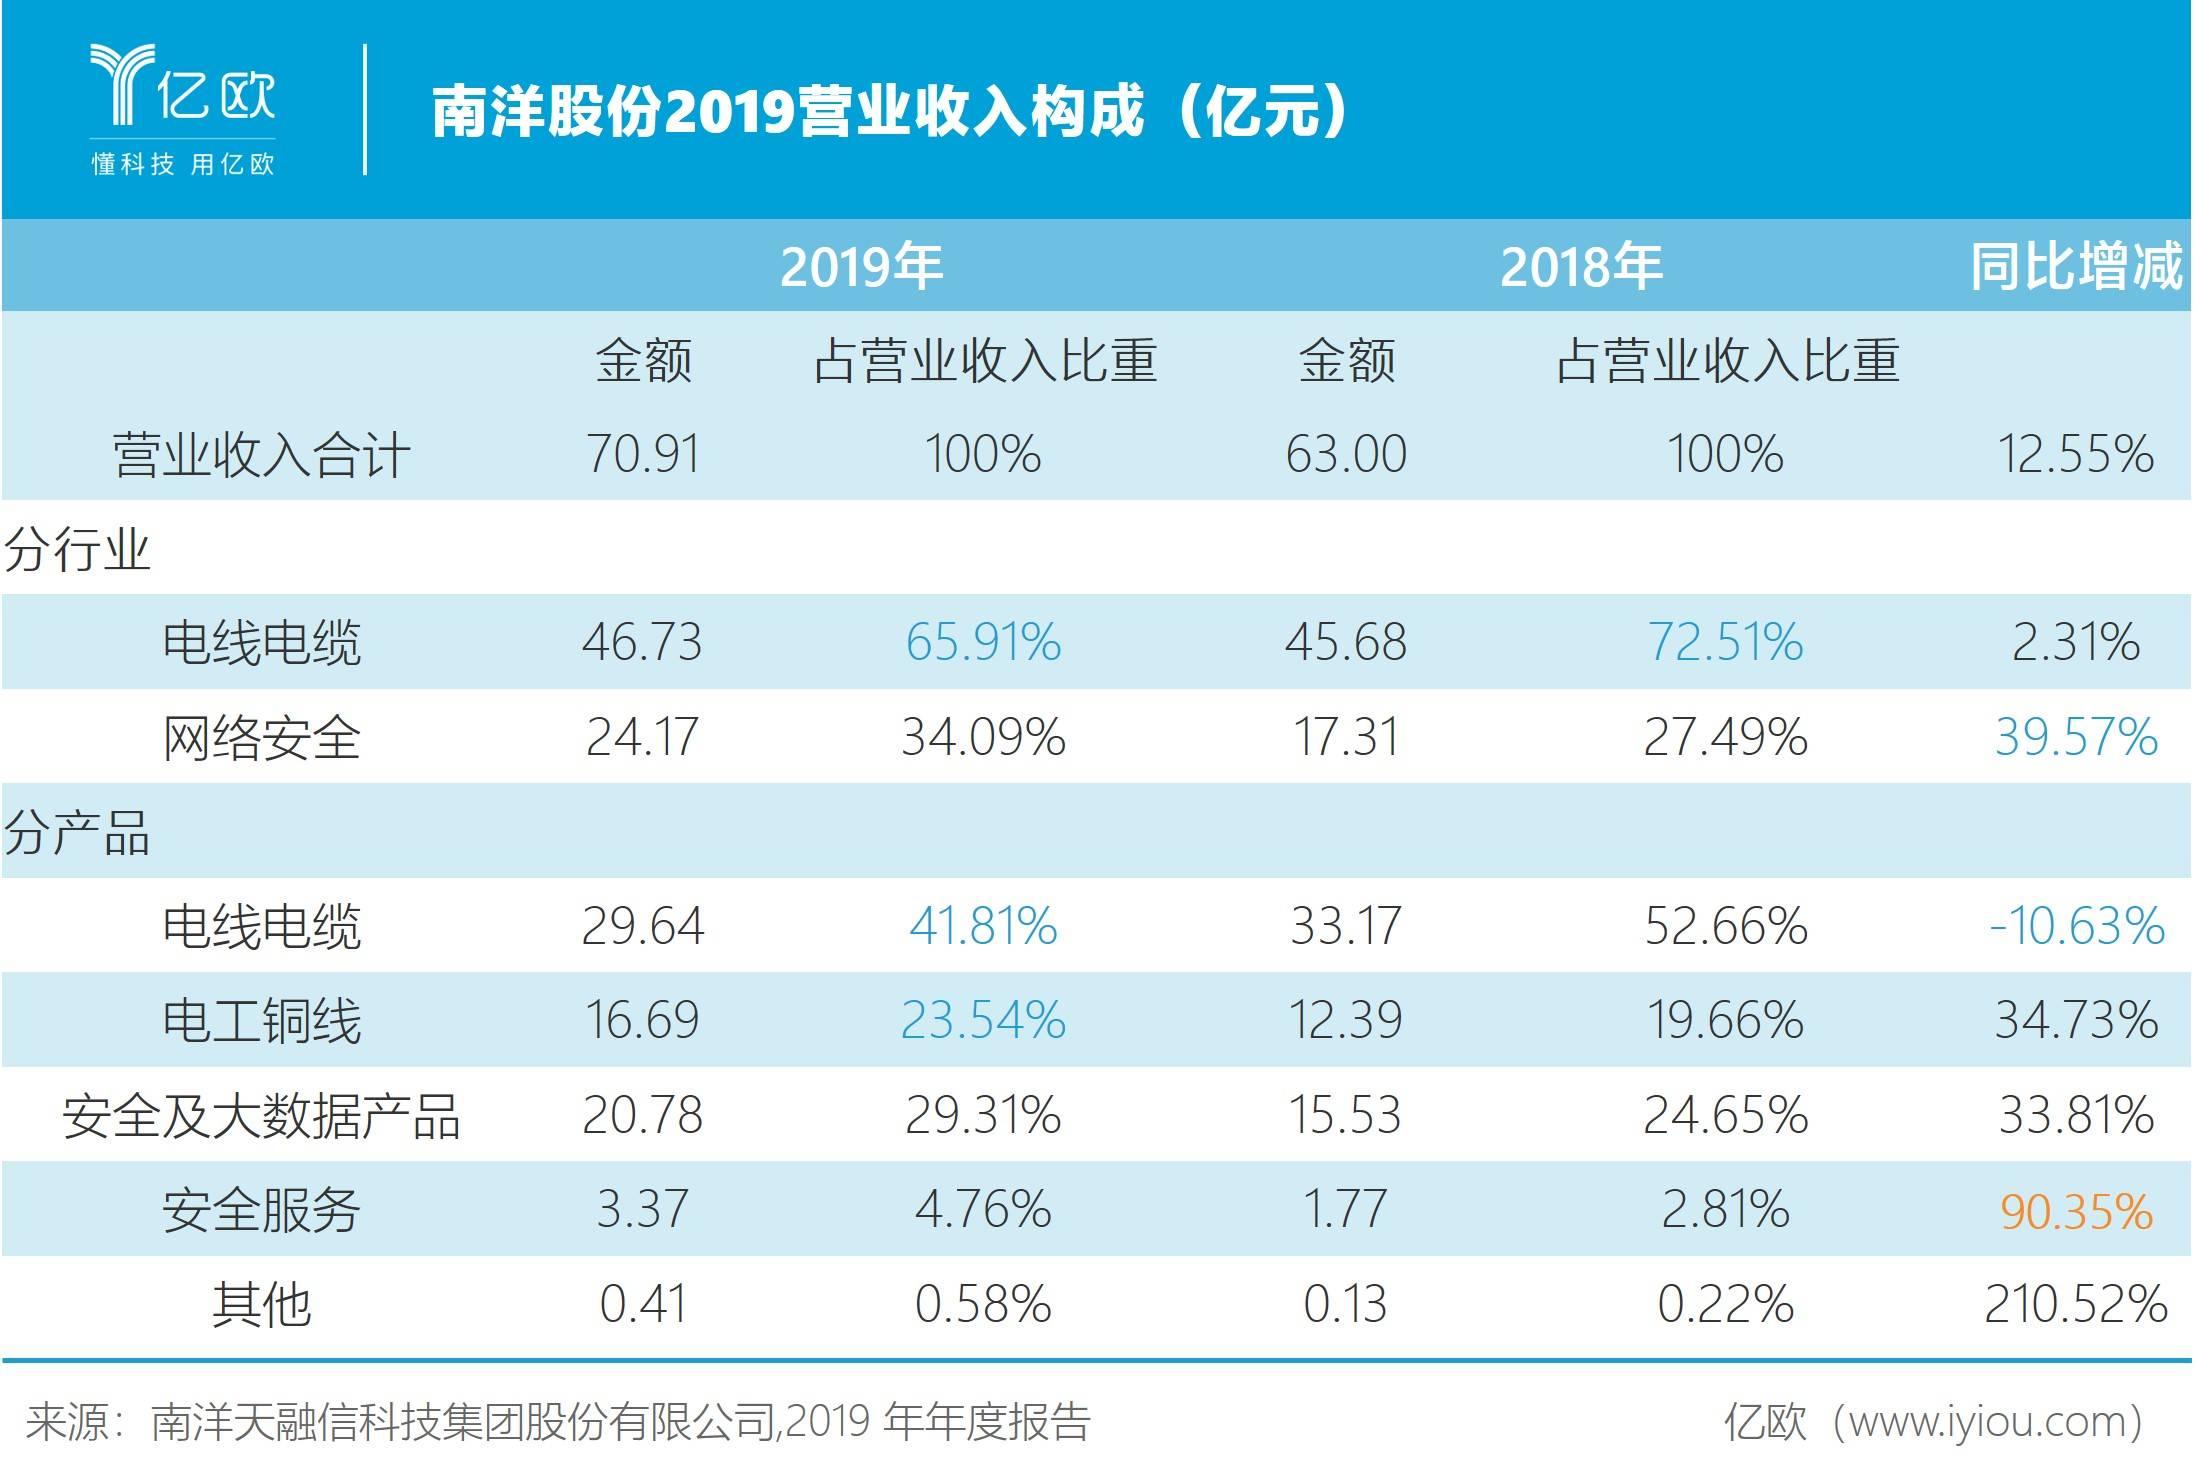 南洋股份2019年营业收入构成